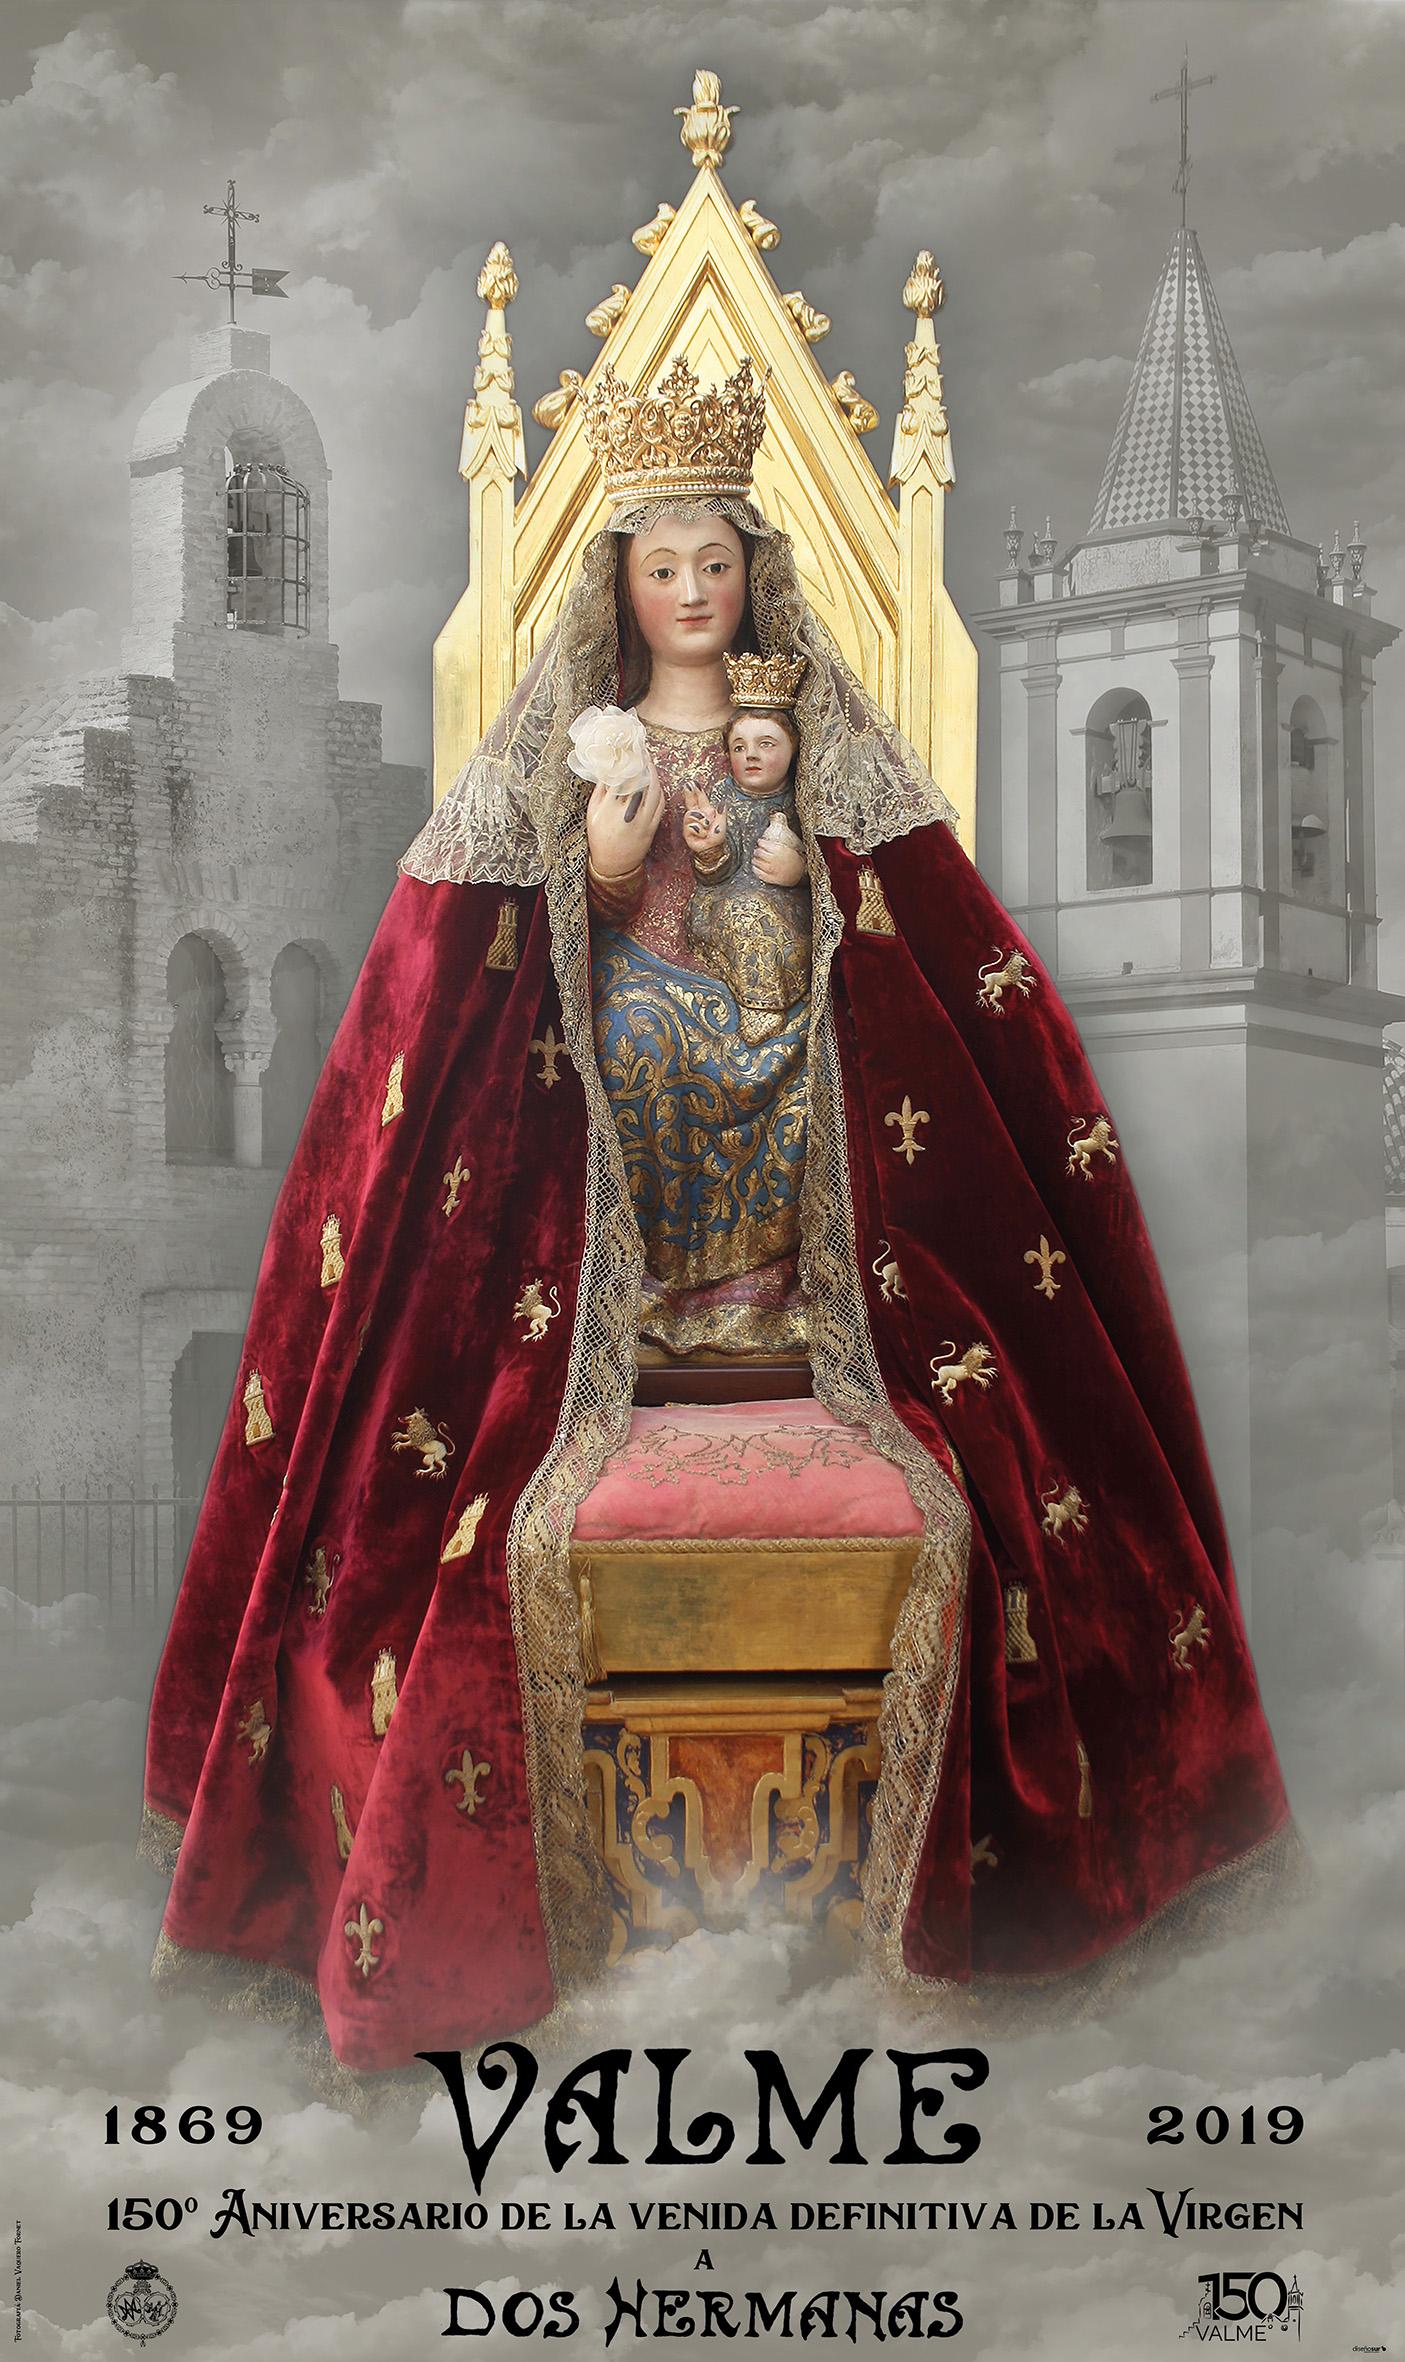 Avance del programa de actos del 150º aniversario de la venida definitiva de la Virgen de Valme